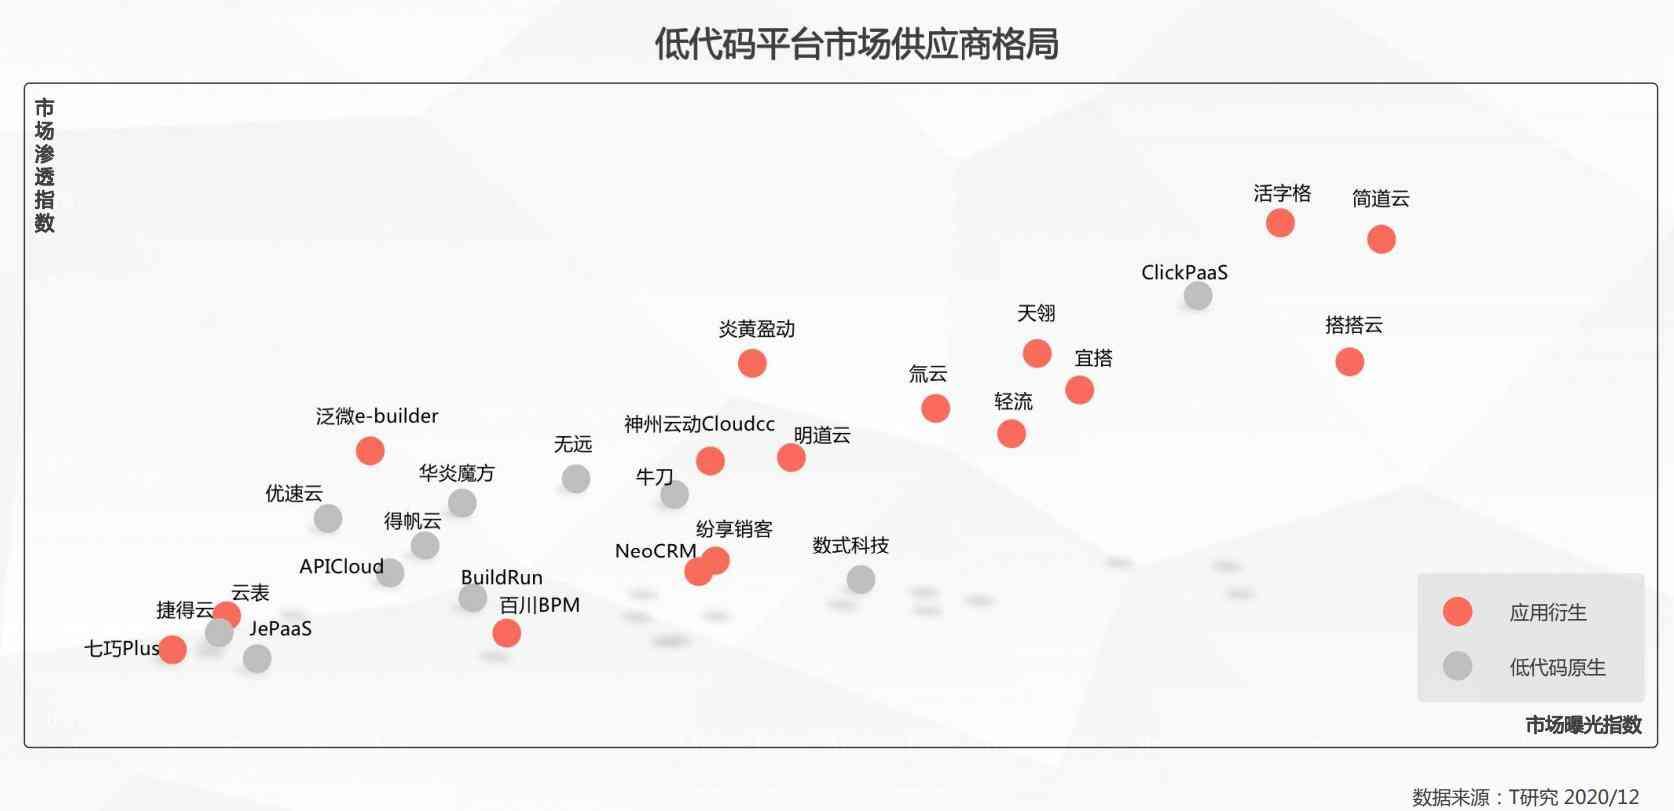 《2020年中国低代码平台指数测评报告》闪耀发布,天翎MyApps平台历久弥坚!